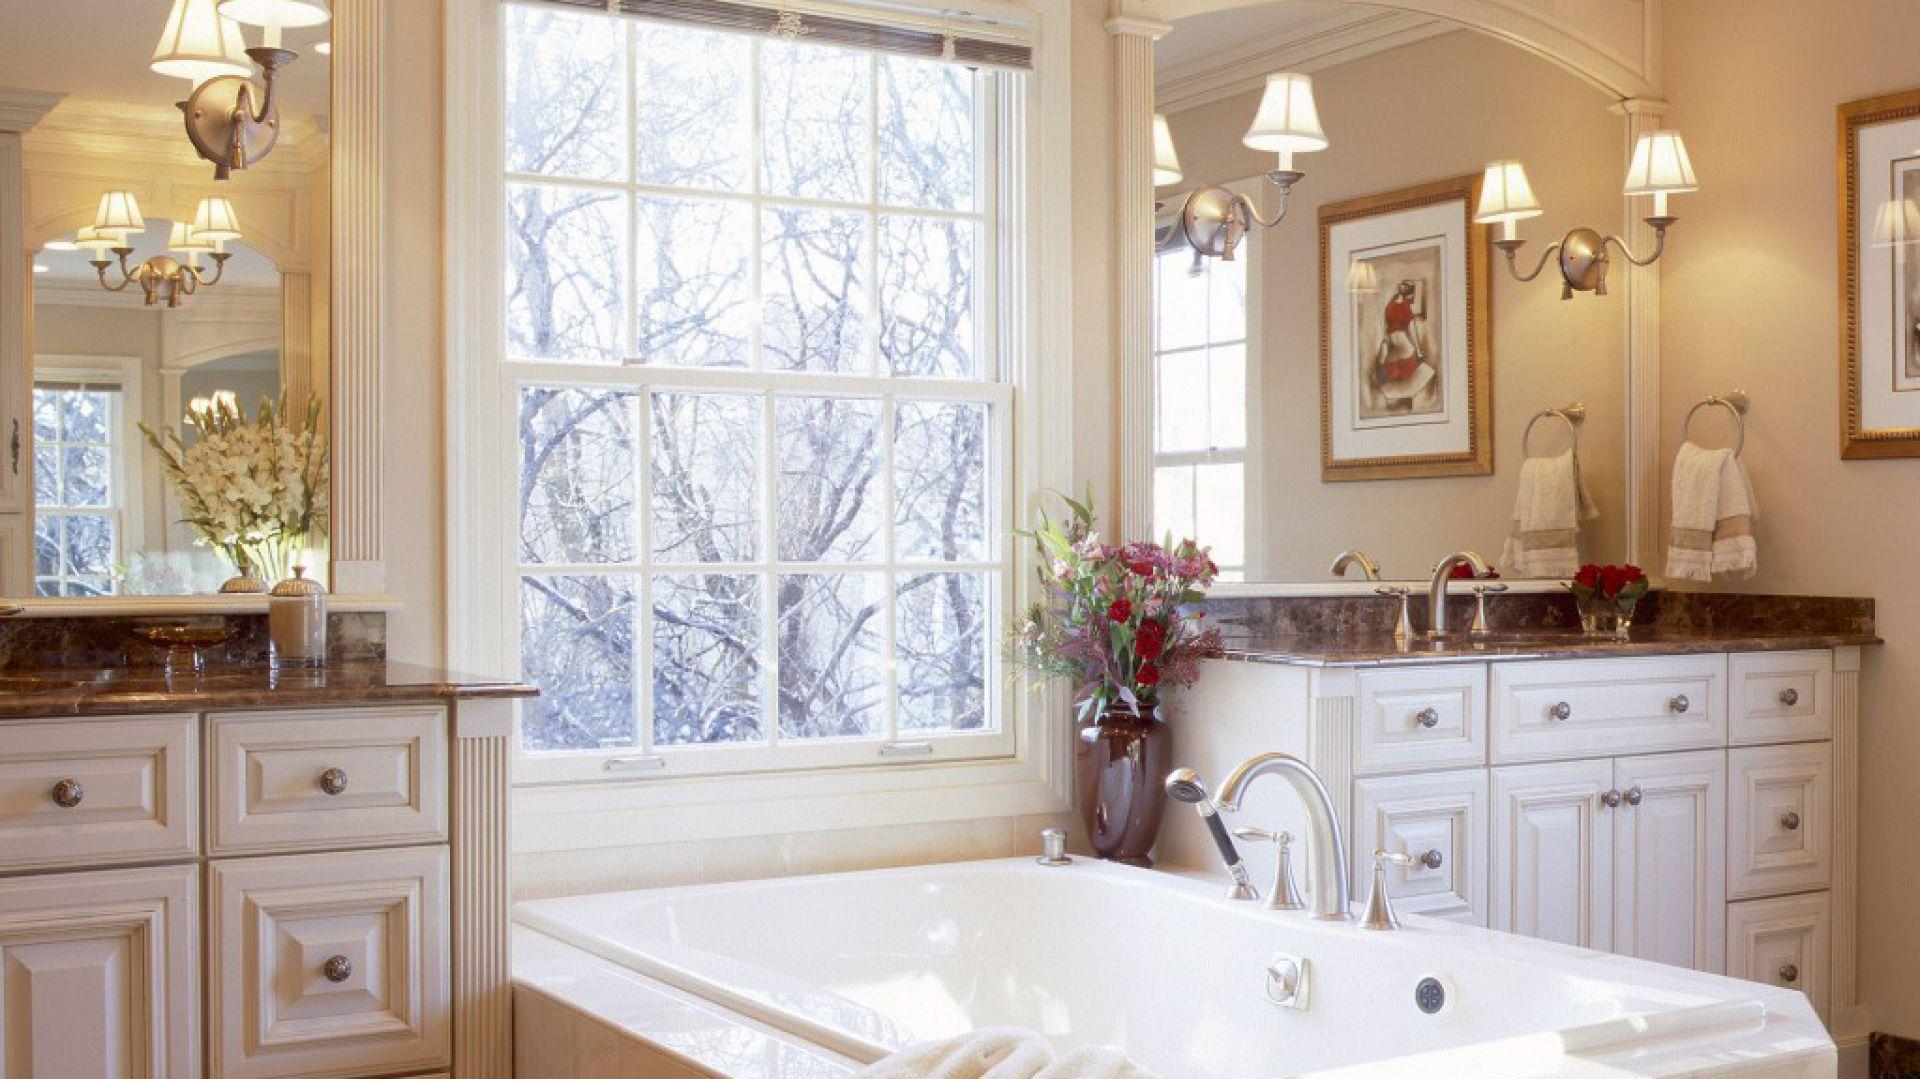 łazienka W Stylu Vintage Najładniejsze Wnętrza W Klimacie Retro